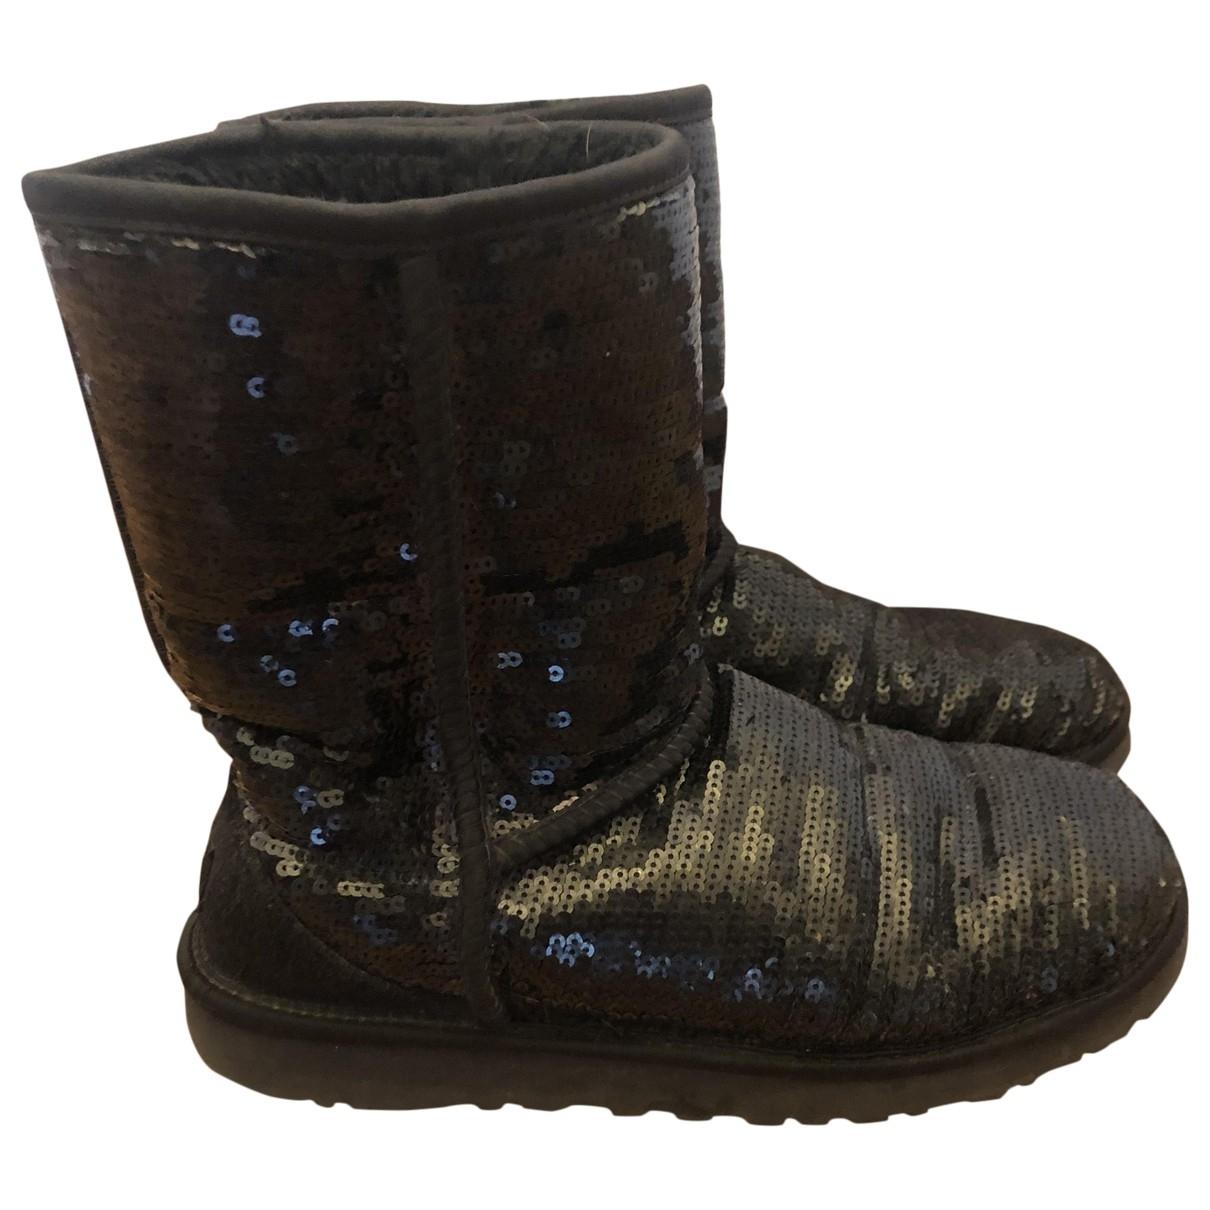 Ugg - Boots   pour femme en a paillettes - noir